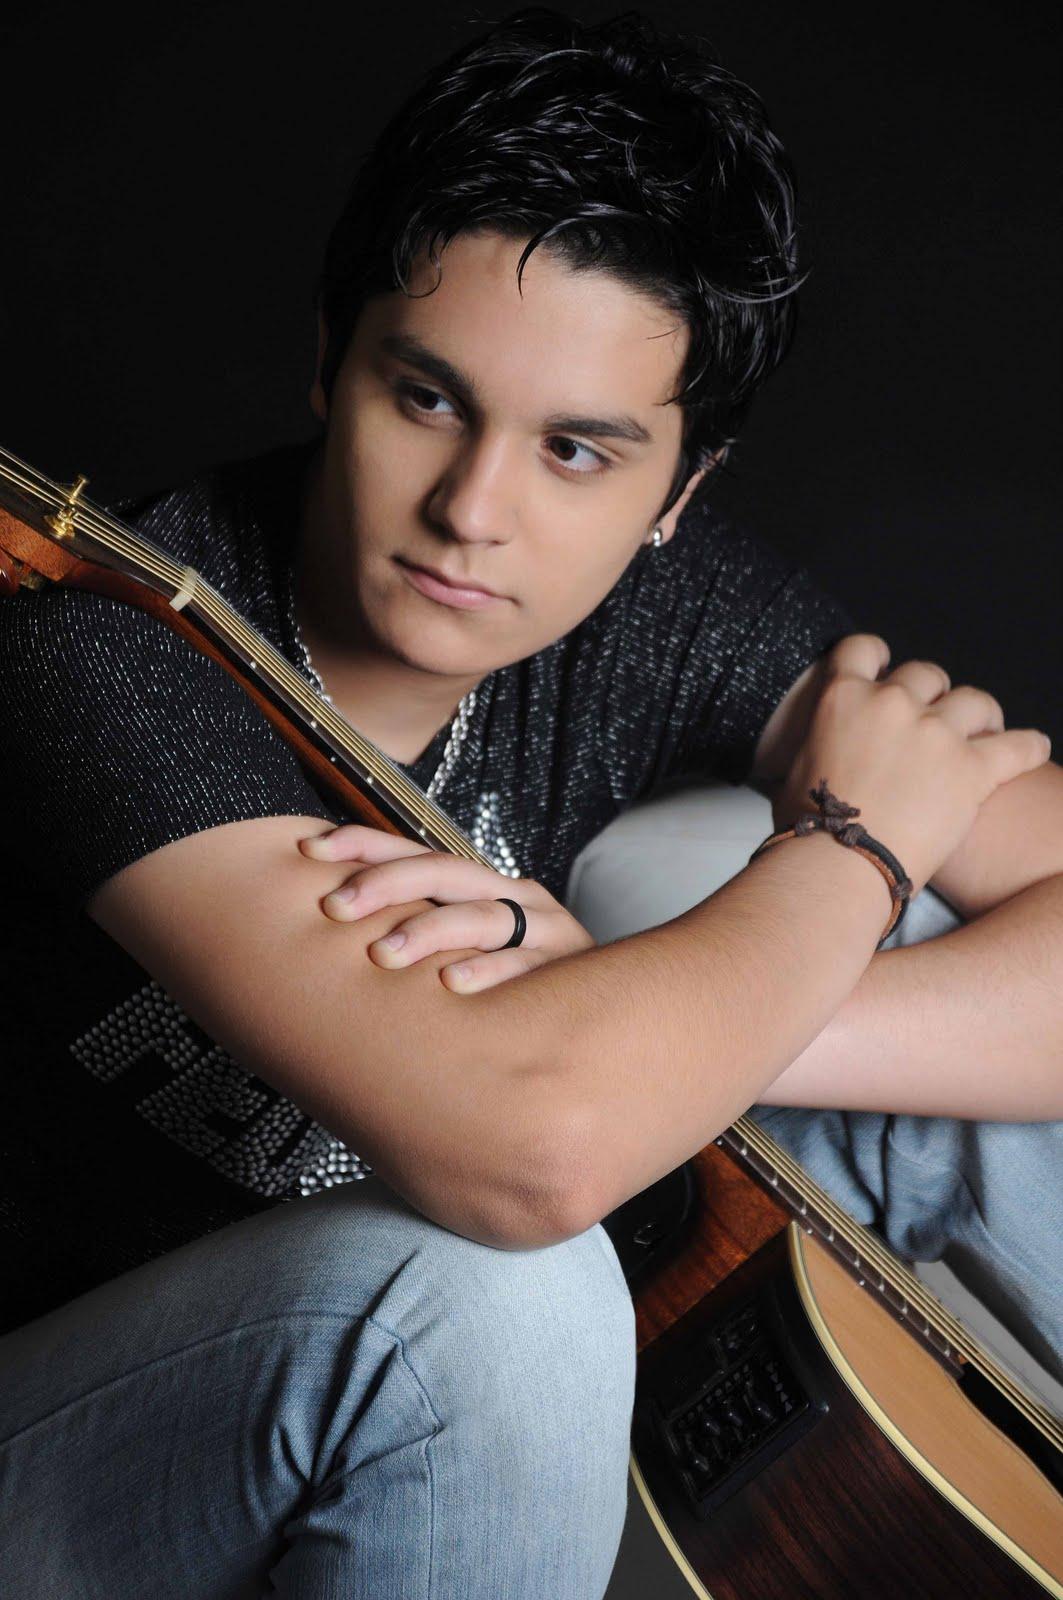 Biografia de Seu Artista*: Luan Santana